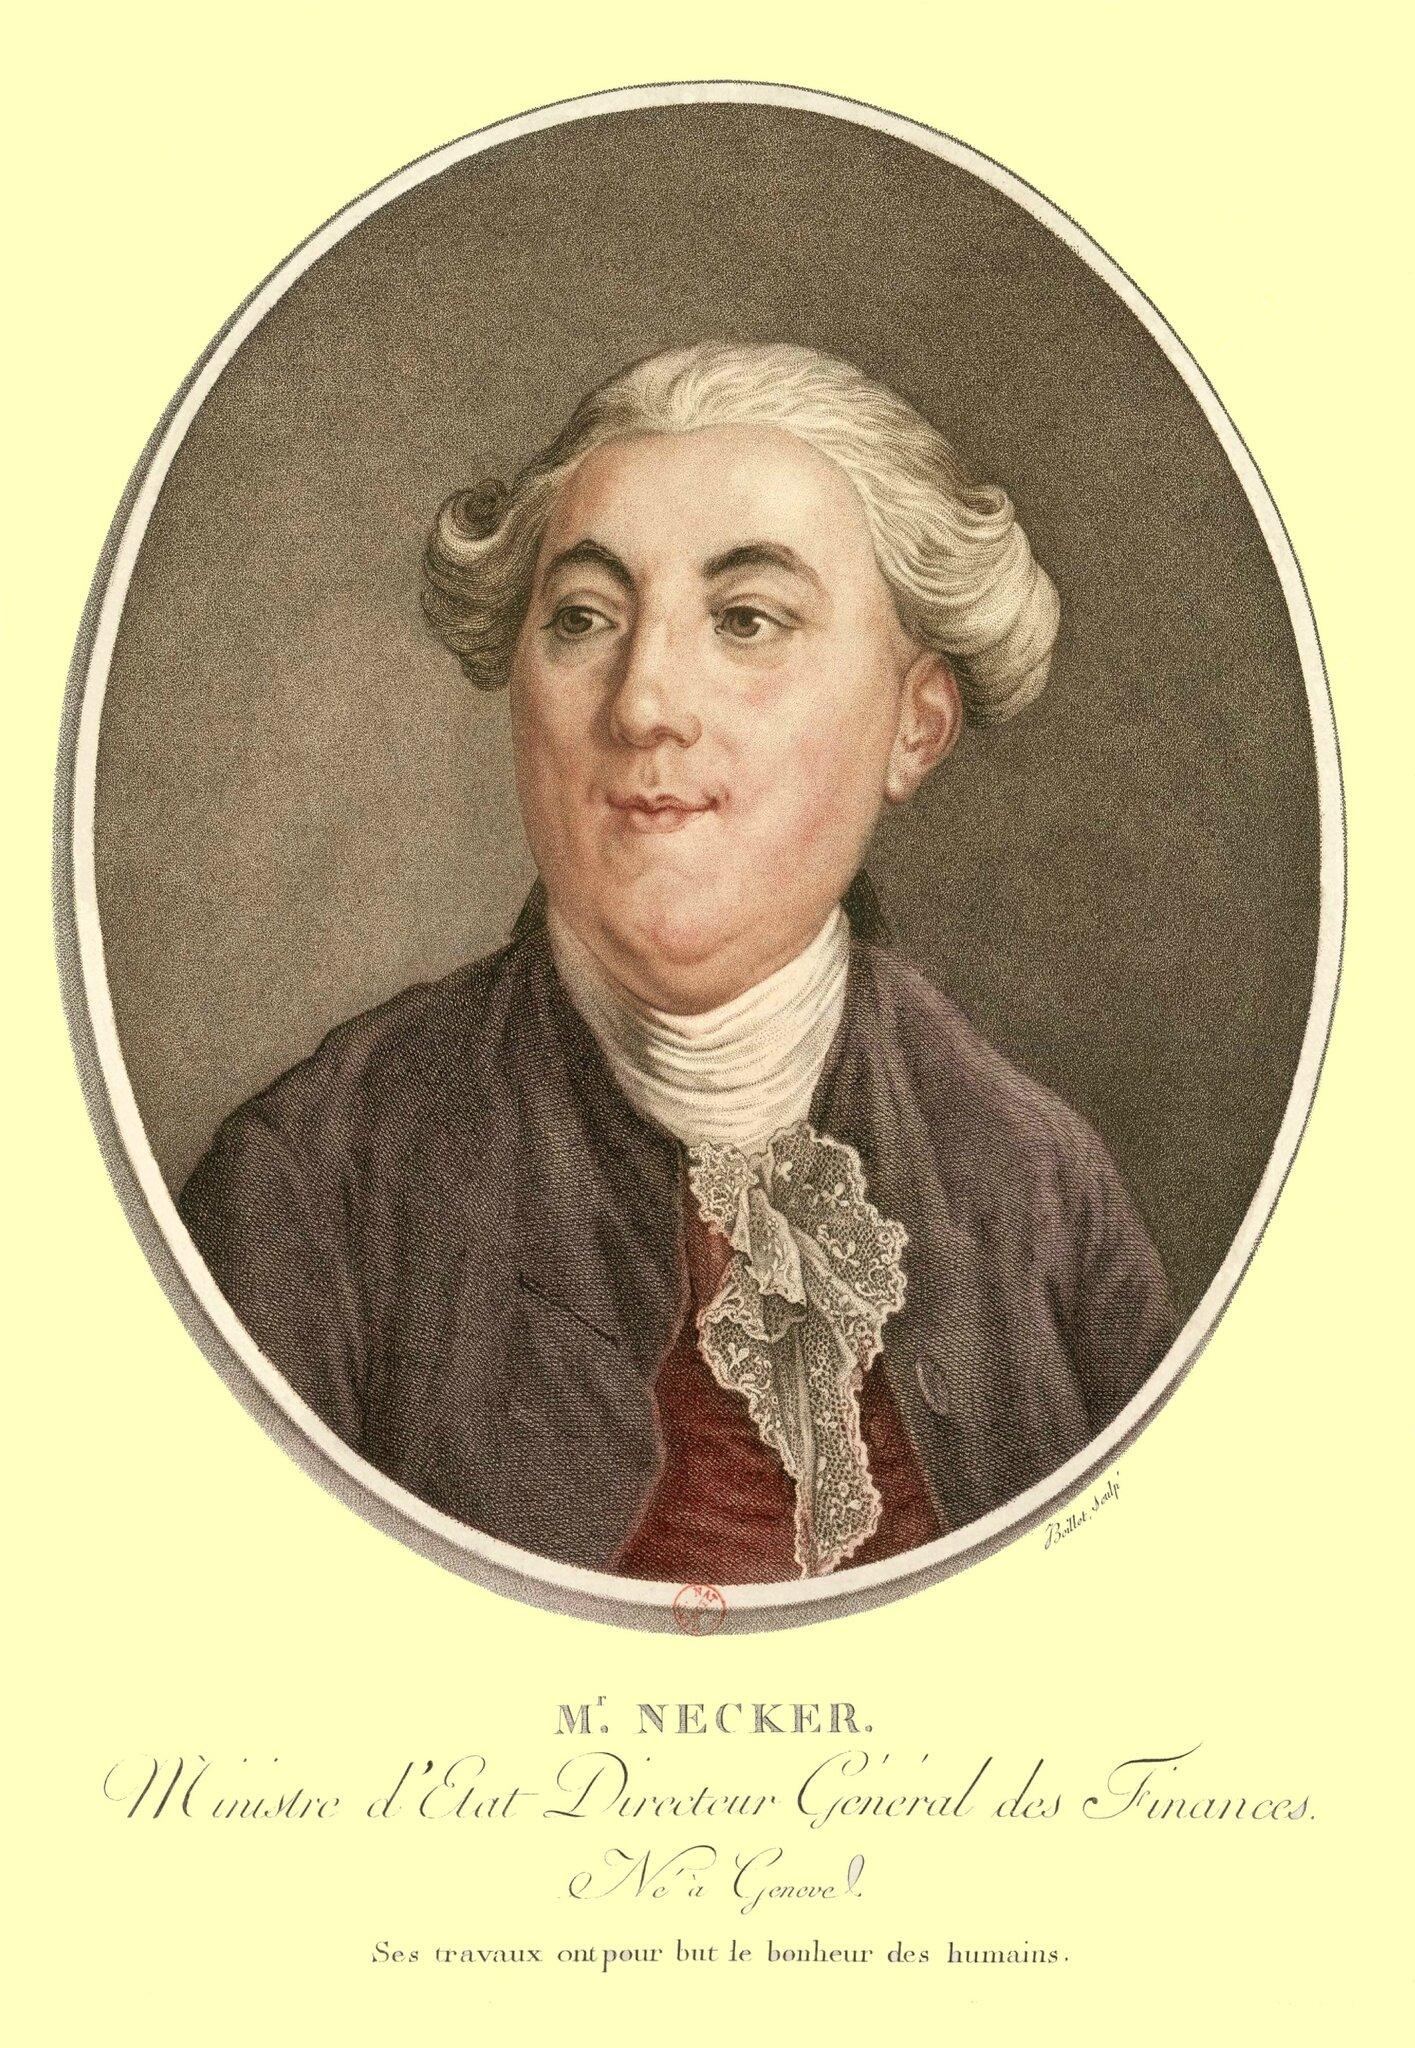 Le 10 août 1789 à Mamers :